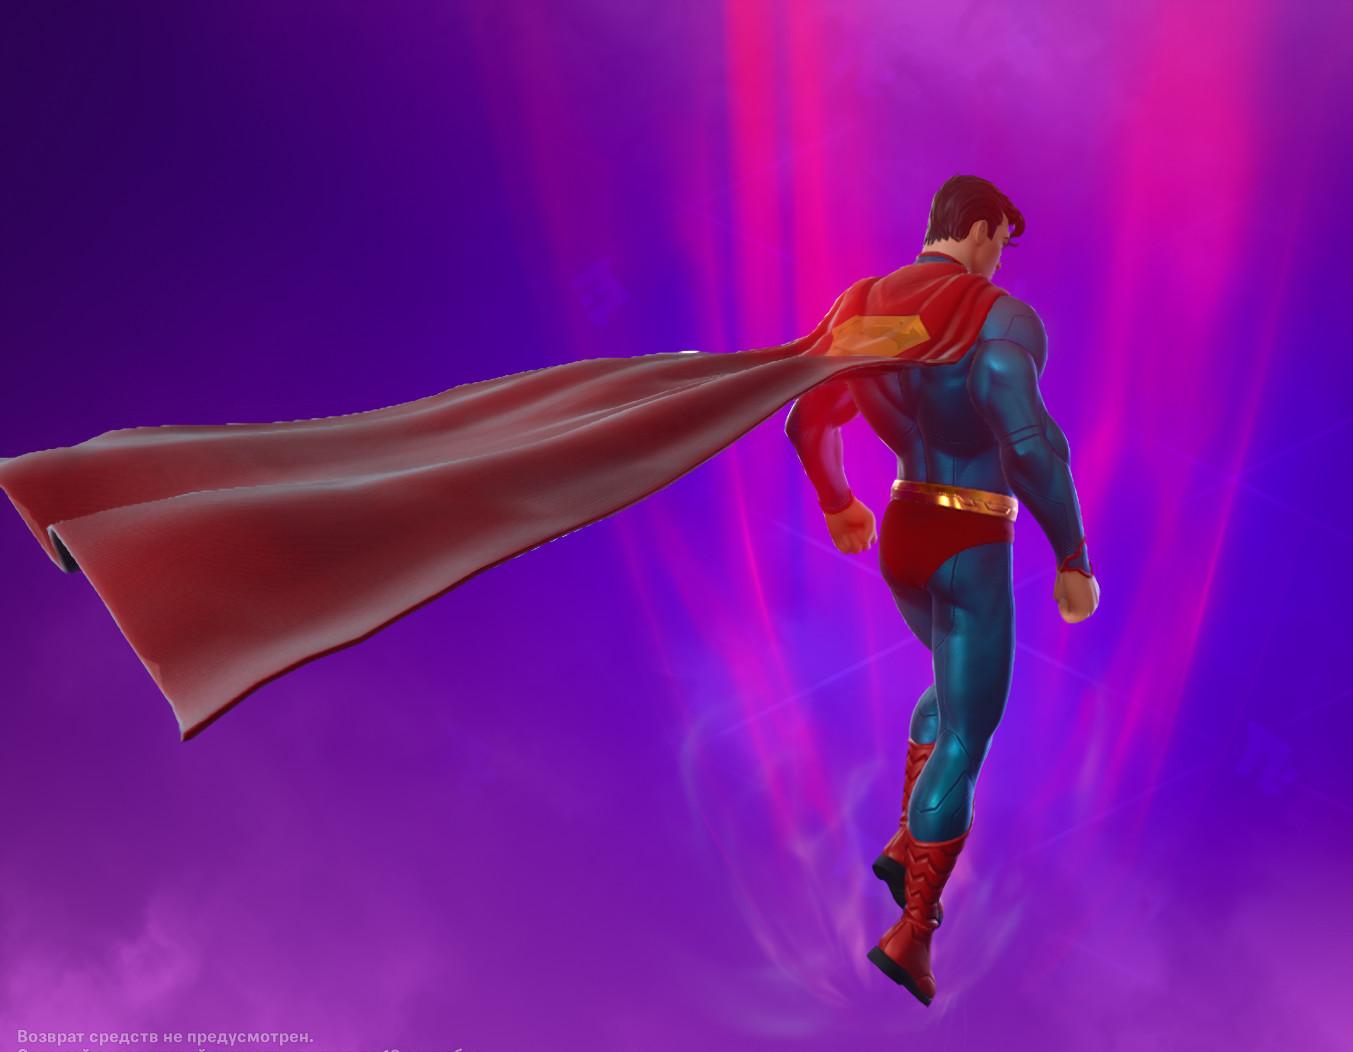 Плащ Супермена - Как получить секретный скин Супермена в фортнайт? Испытания Кларка Кента - прохождение